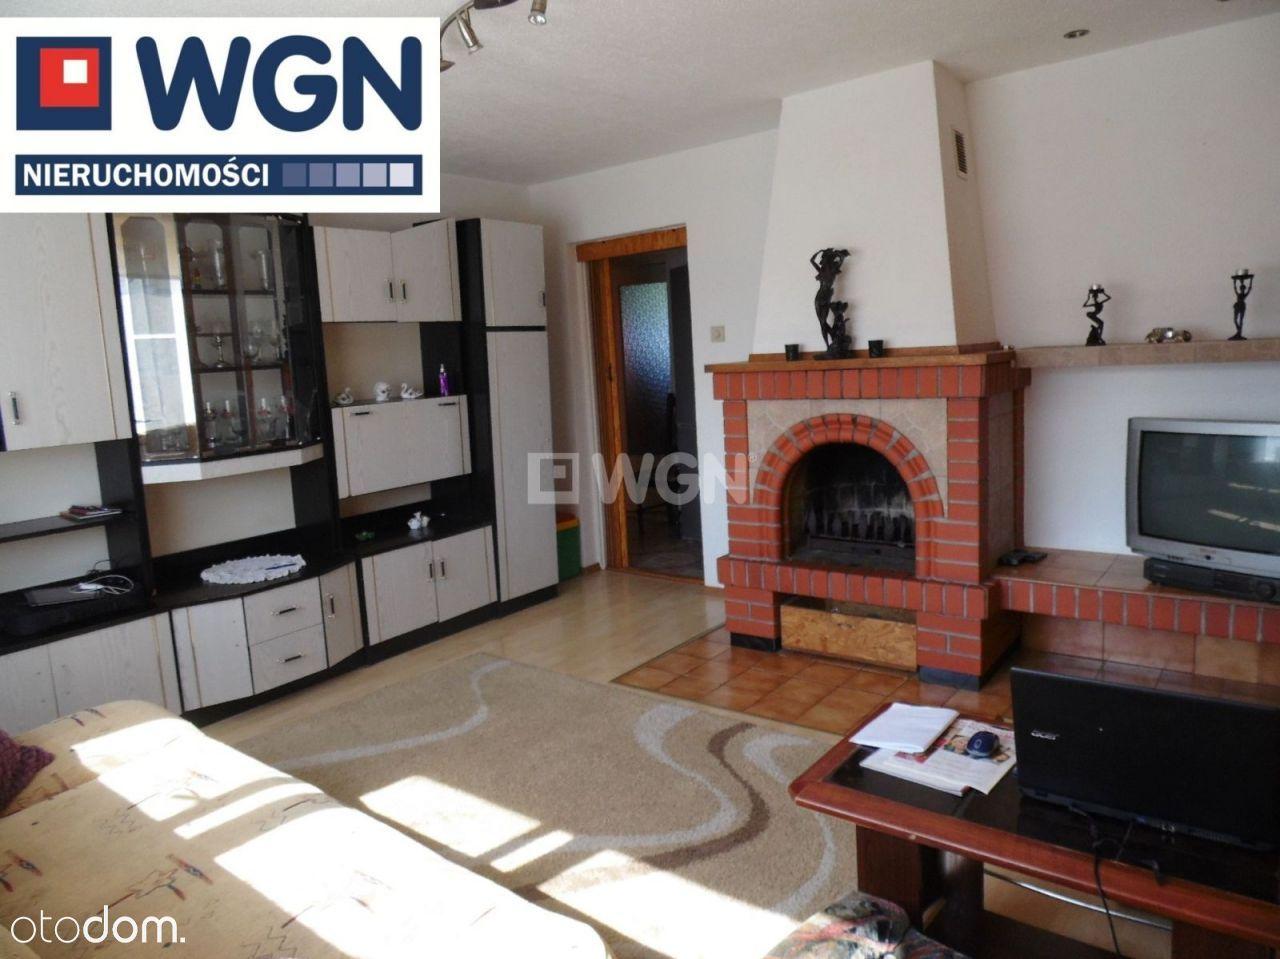 W superbly 3 pokoje, mieszkanie na sprzedaż - Chełchy, olecki, warmińsko WF55